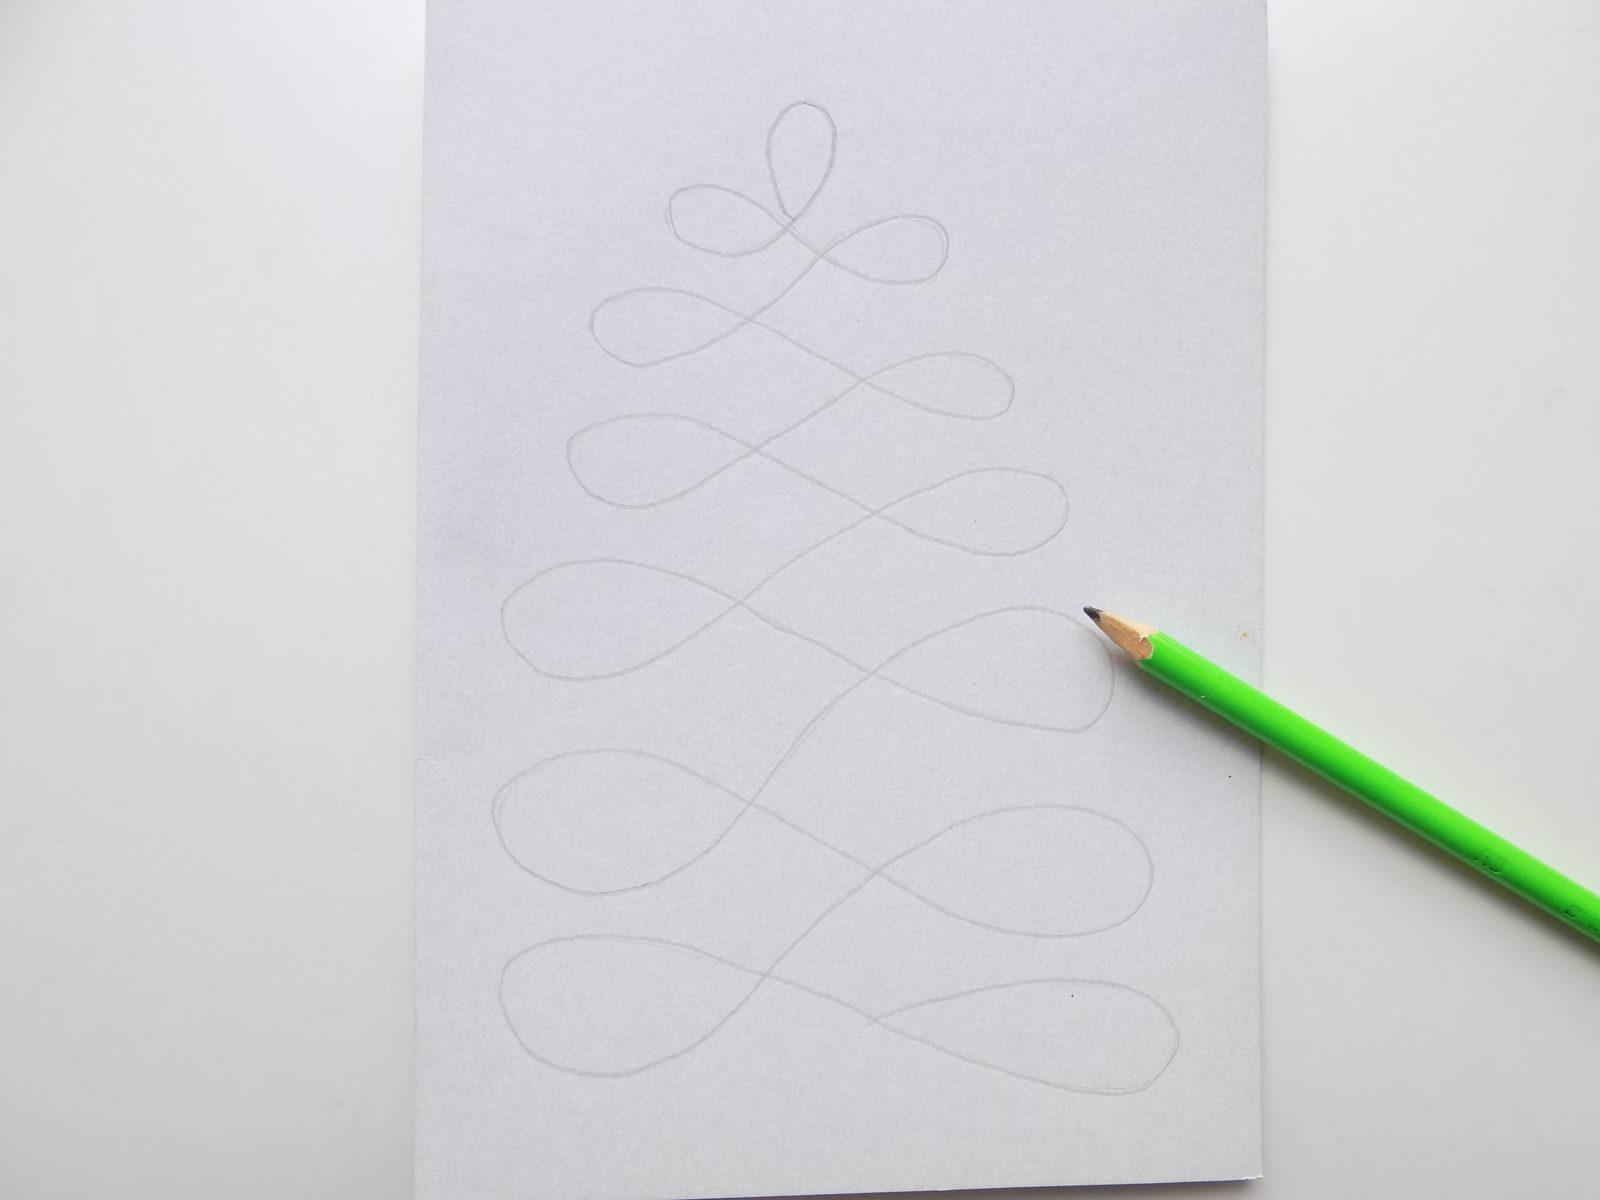 Новогодняя открытка с елочкой из шнура - 2